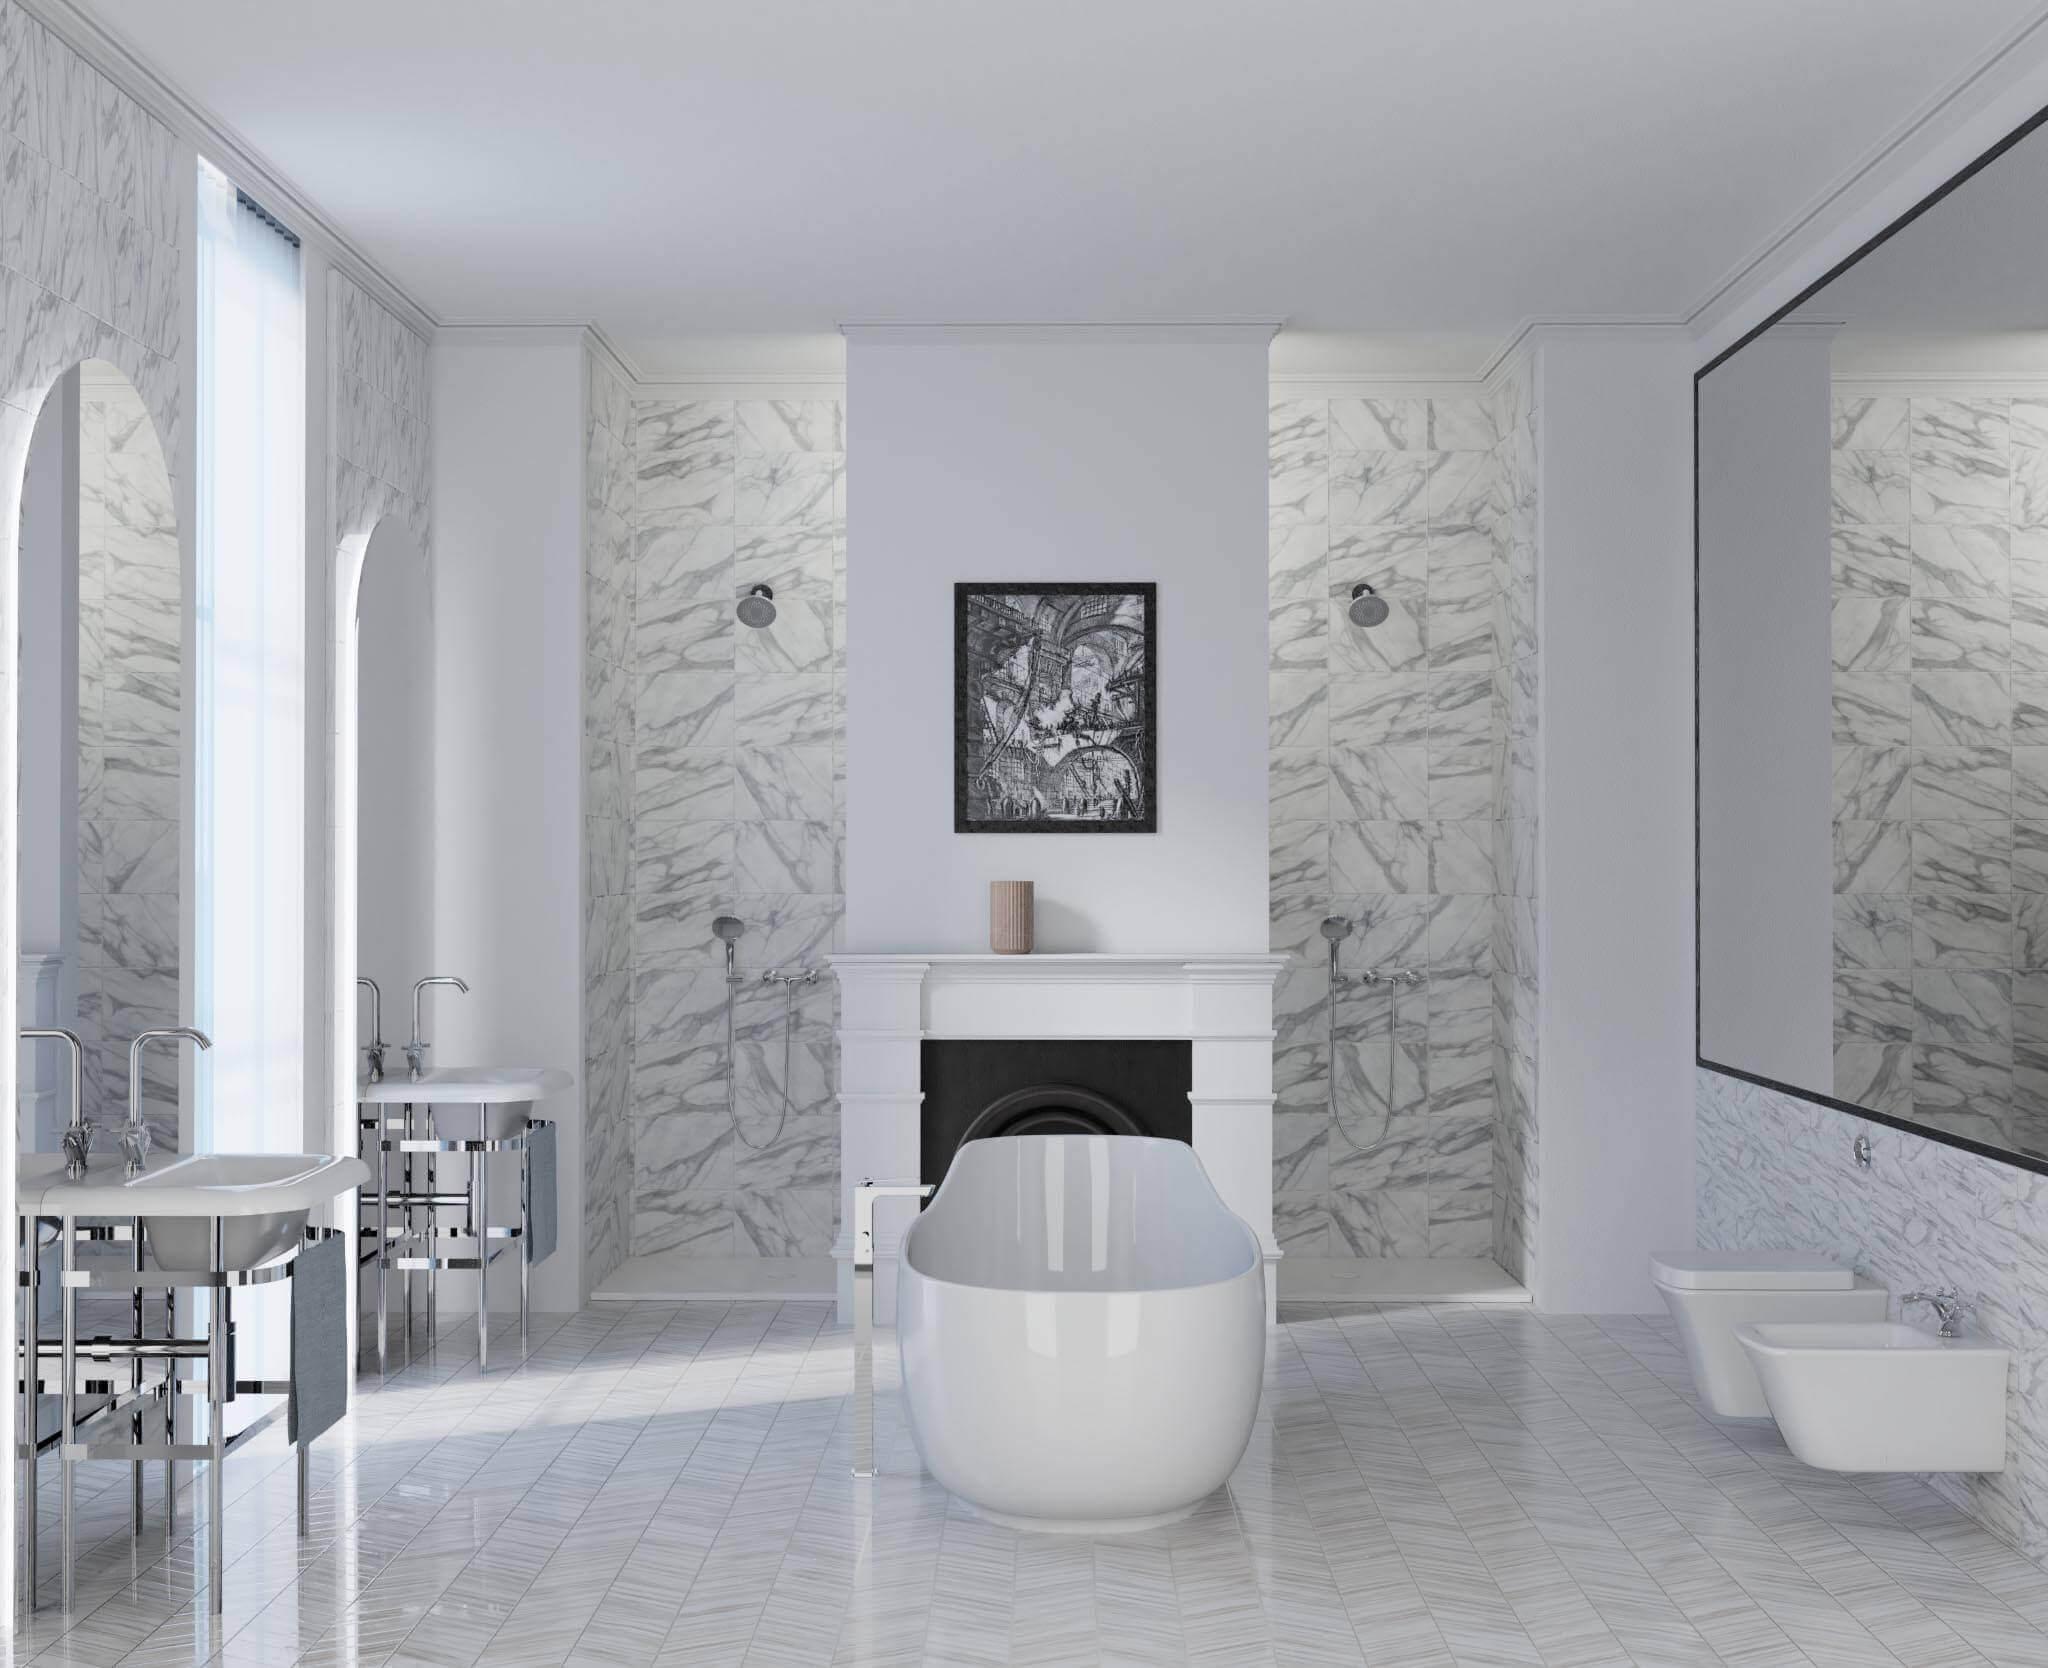 Consulting by Torsten Müller zeigte im vergangenen Jahr, wie die Trendfarbe Weiß immer wieder neu und überraschend im Badezimmer eingesetzt werden kann